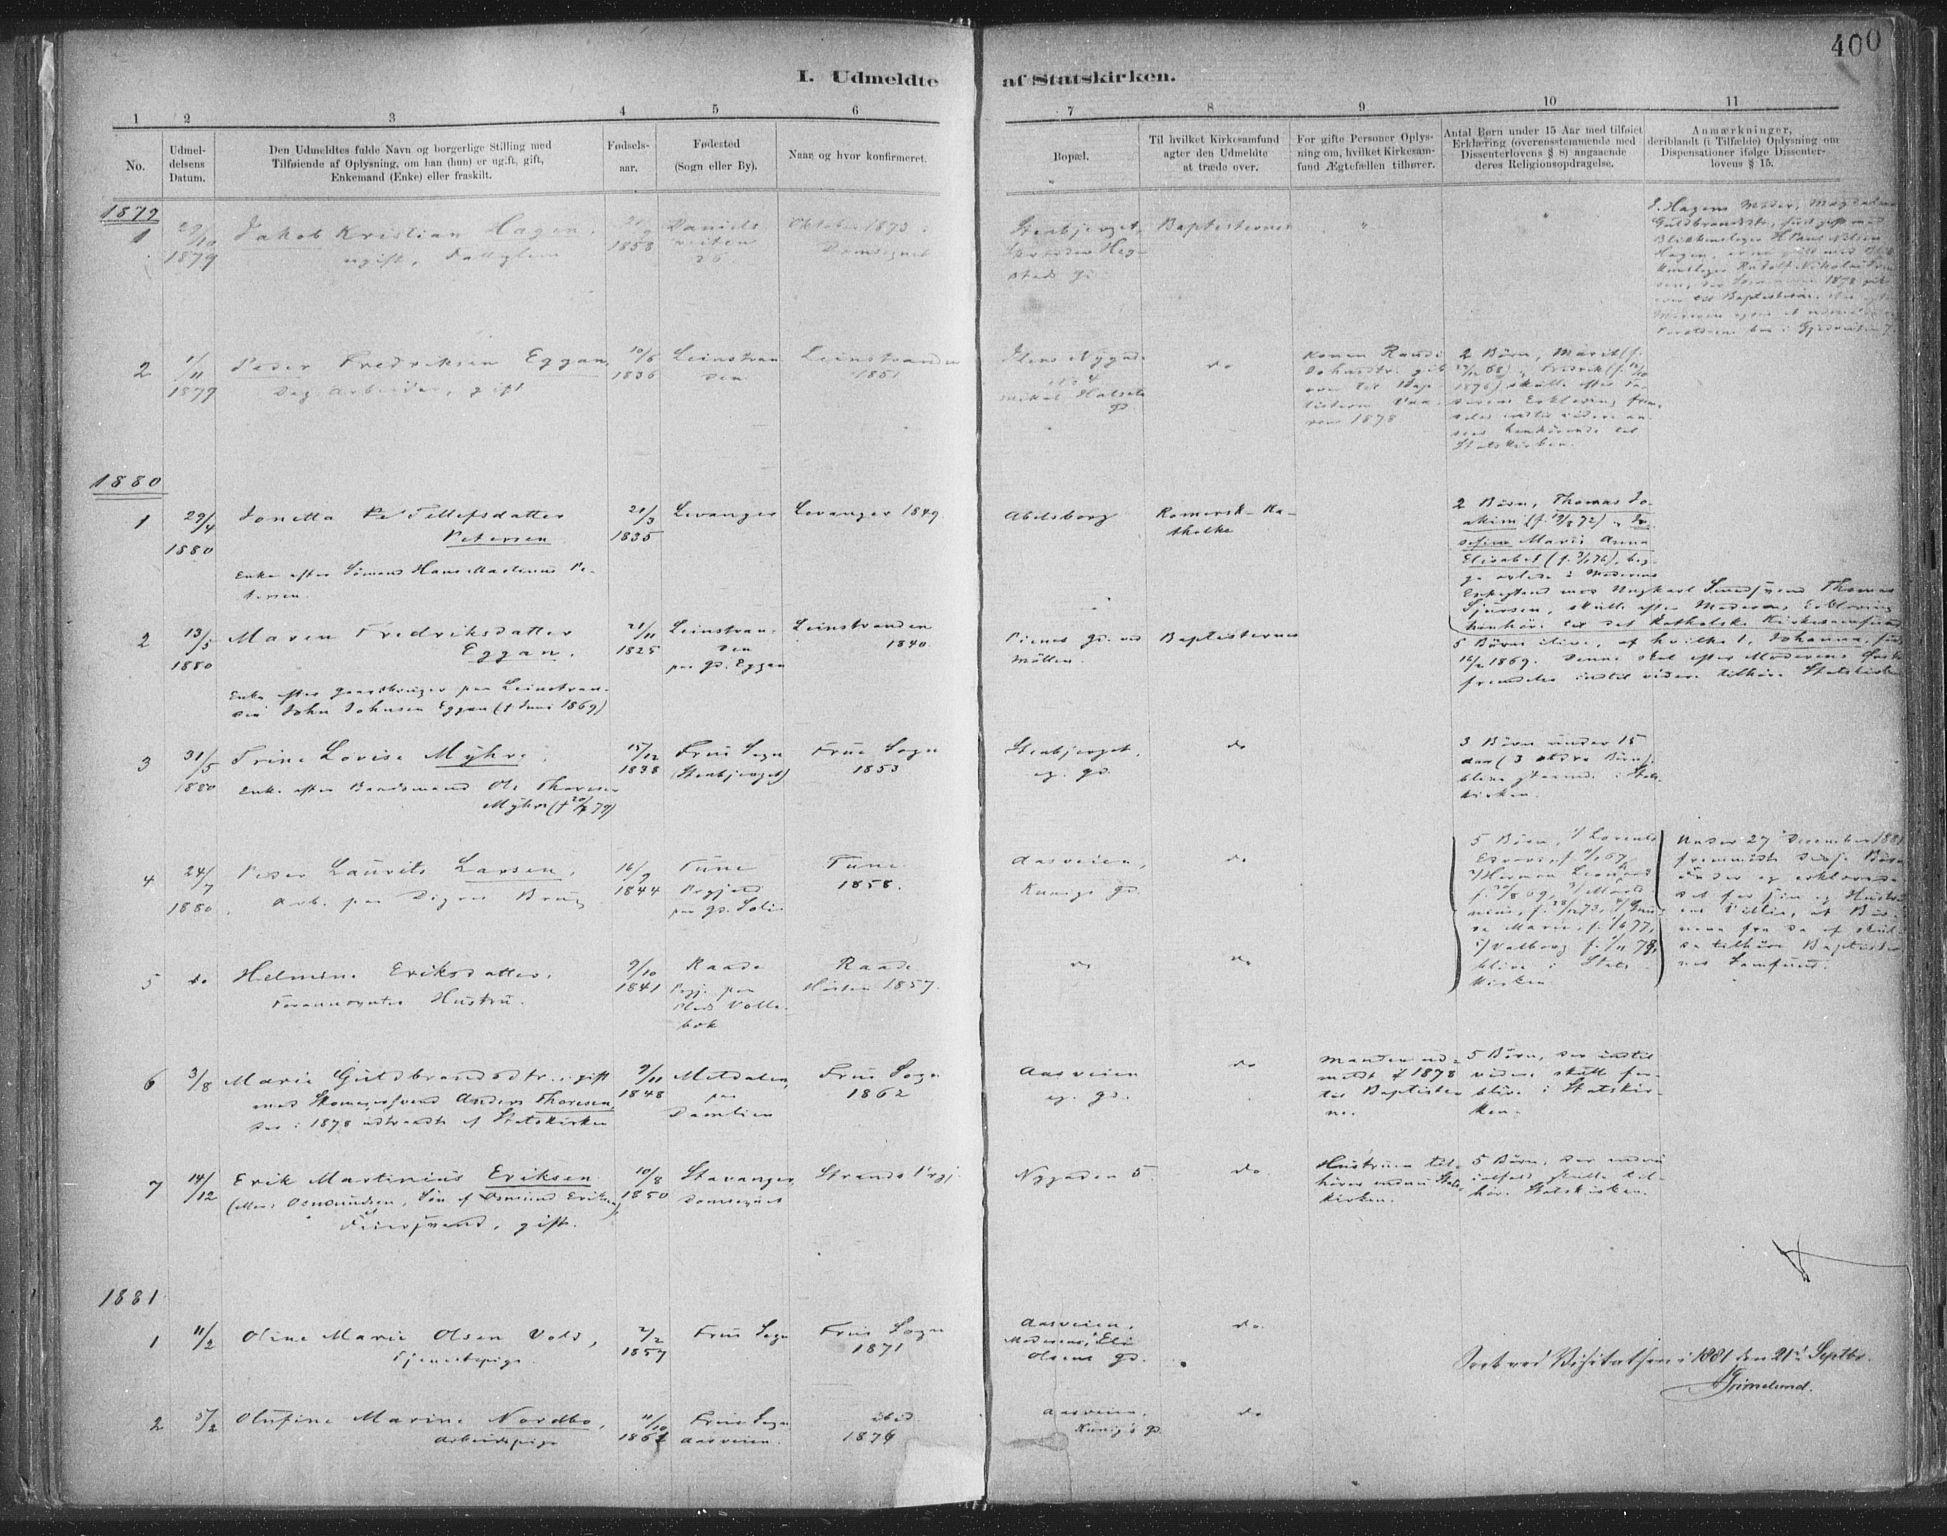 SAT, Ministerialprotokoller, klokkerbøker og fødselsregistre - Sør-Trøndelag, 603/L0163: Ministerialbok nr. 603A02, 1879-1895, s. 400